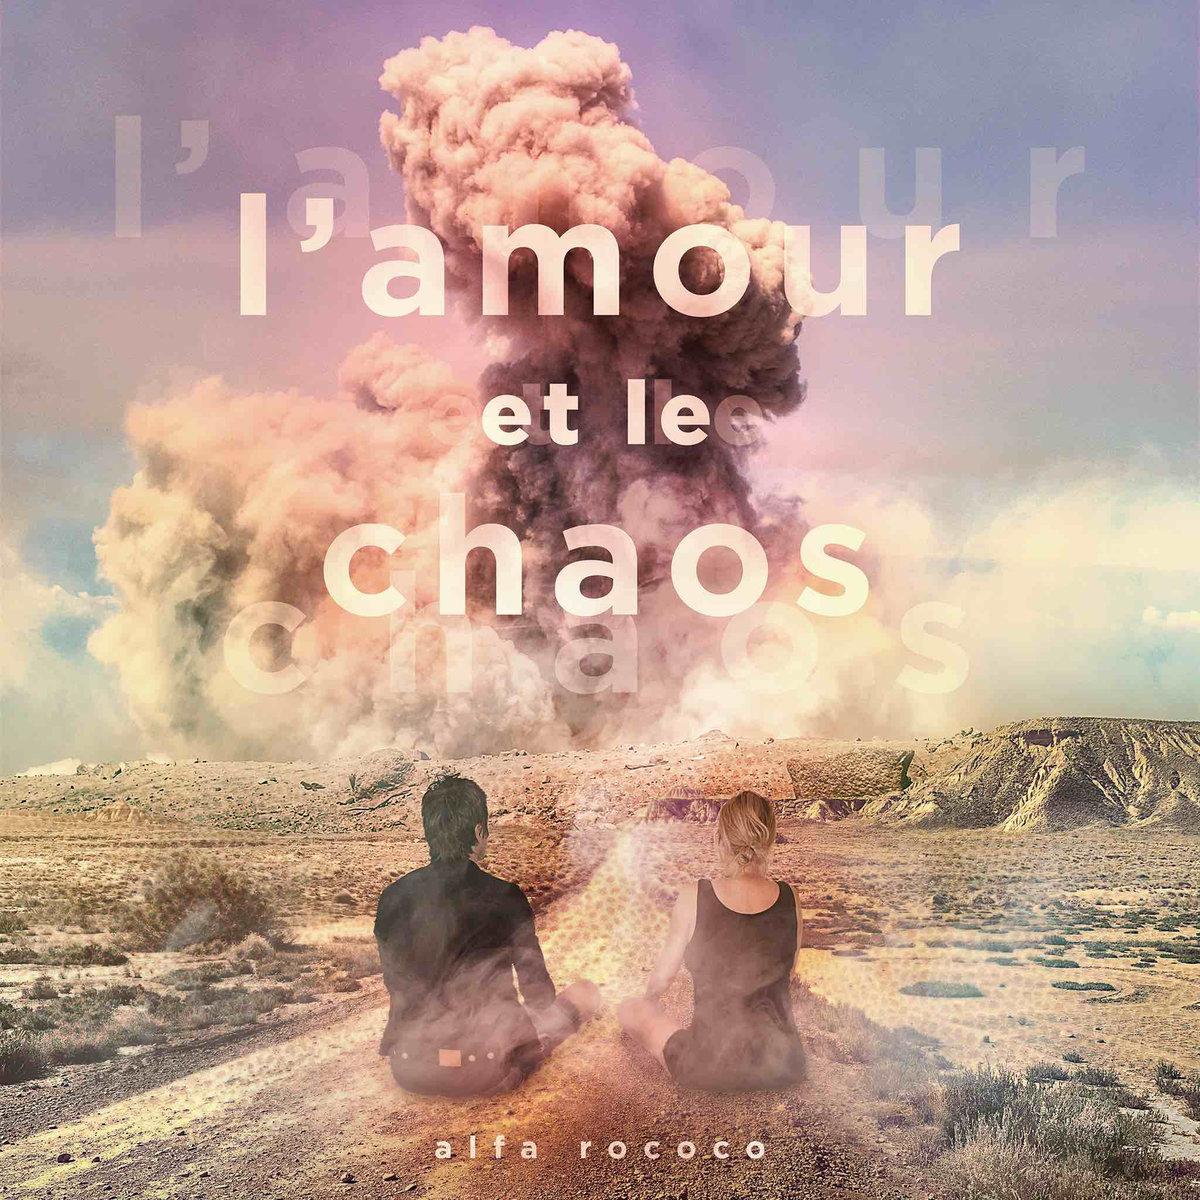 07.L'Amour et le chaos d'Alfa Rococo